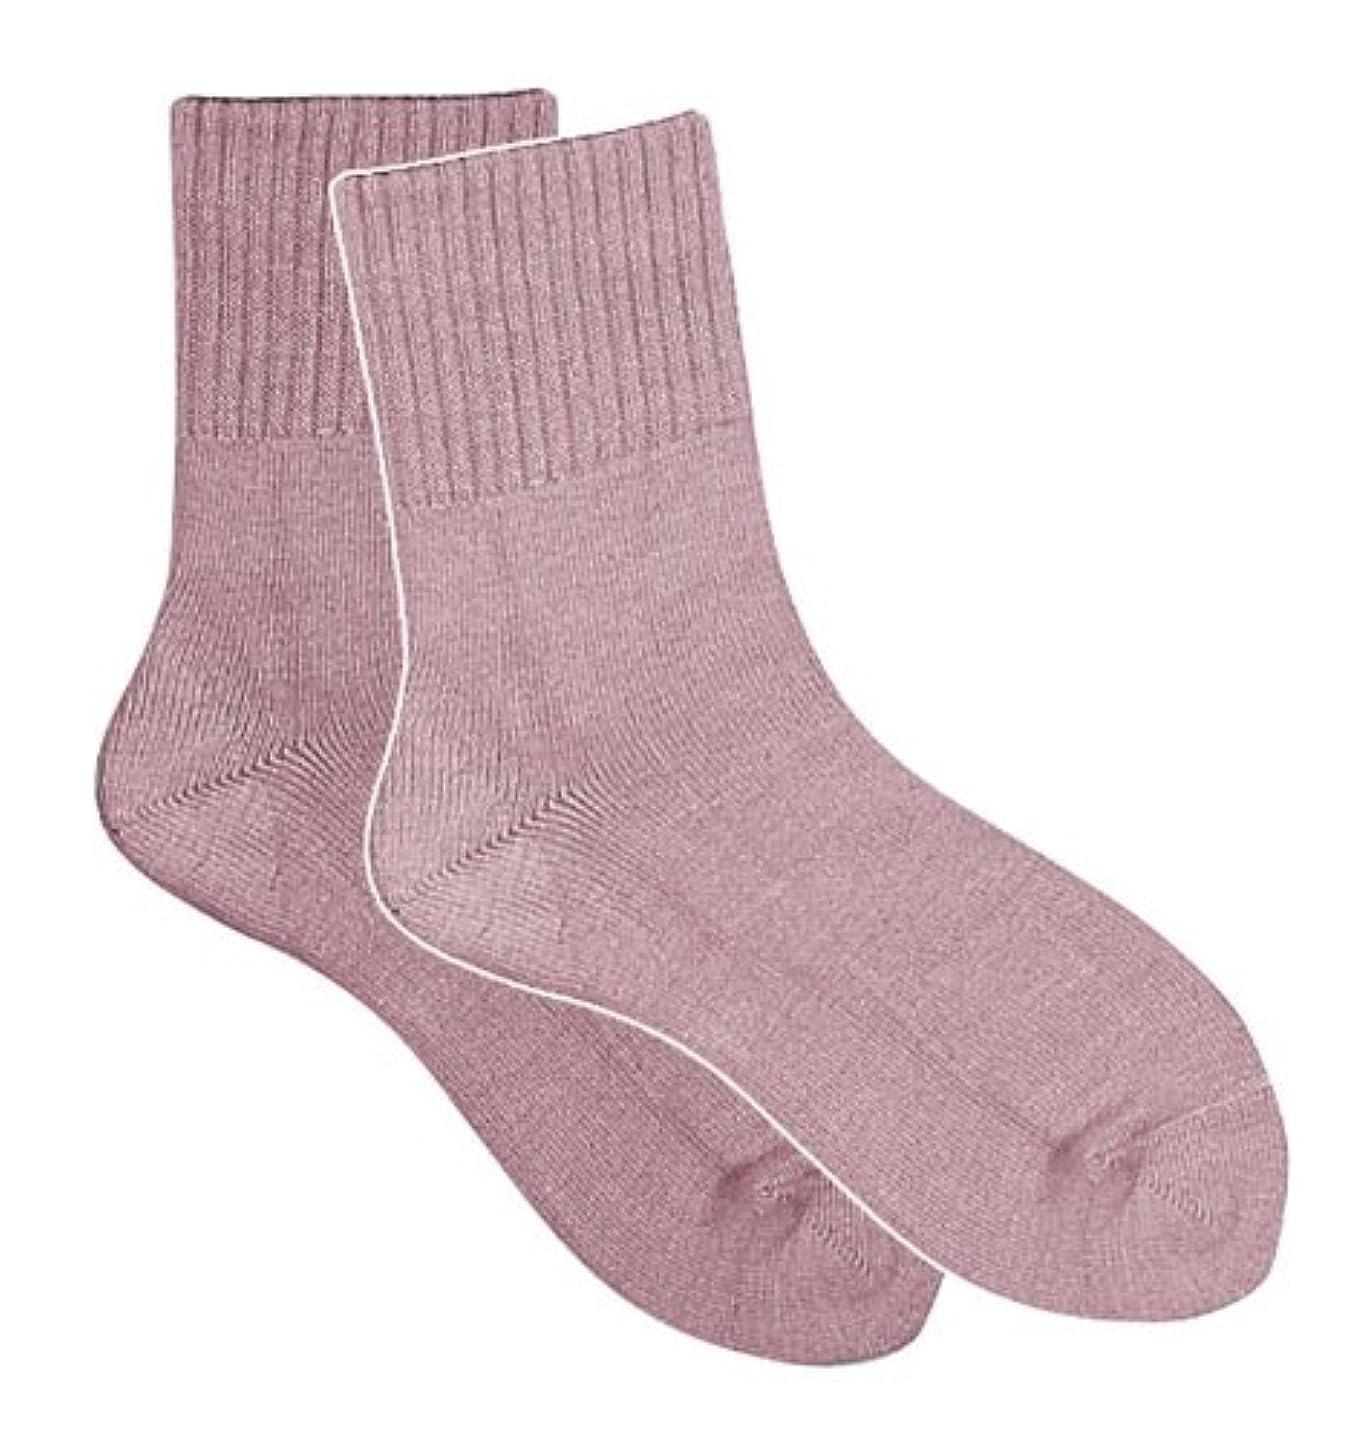 通常信頼性ハイライトエステソックス 保湿2ヶ所タイプ ピンク